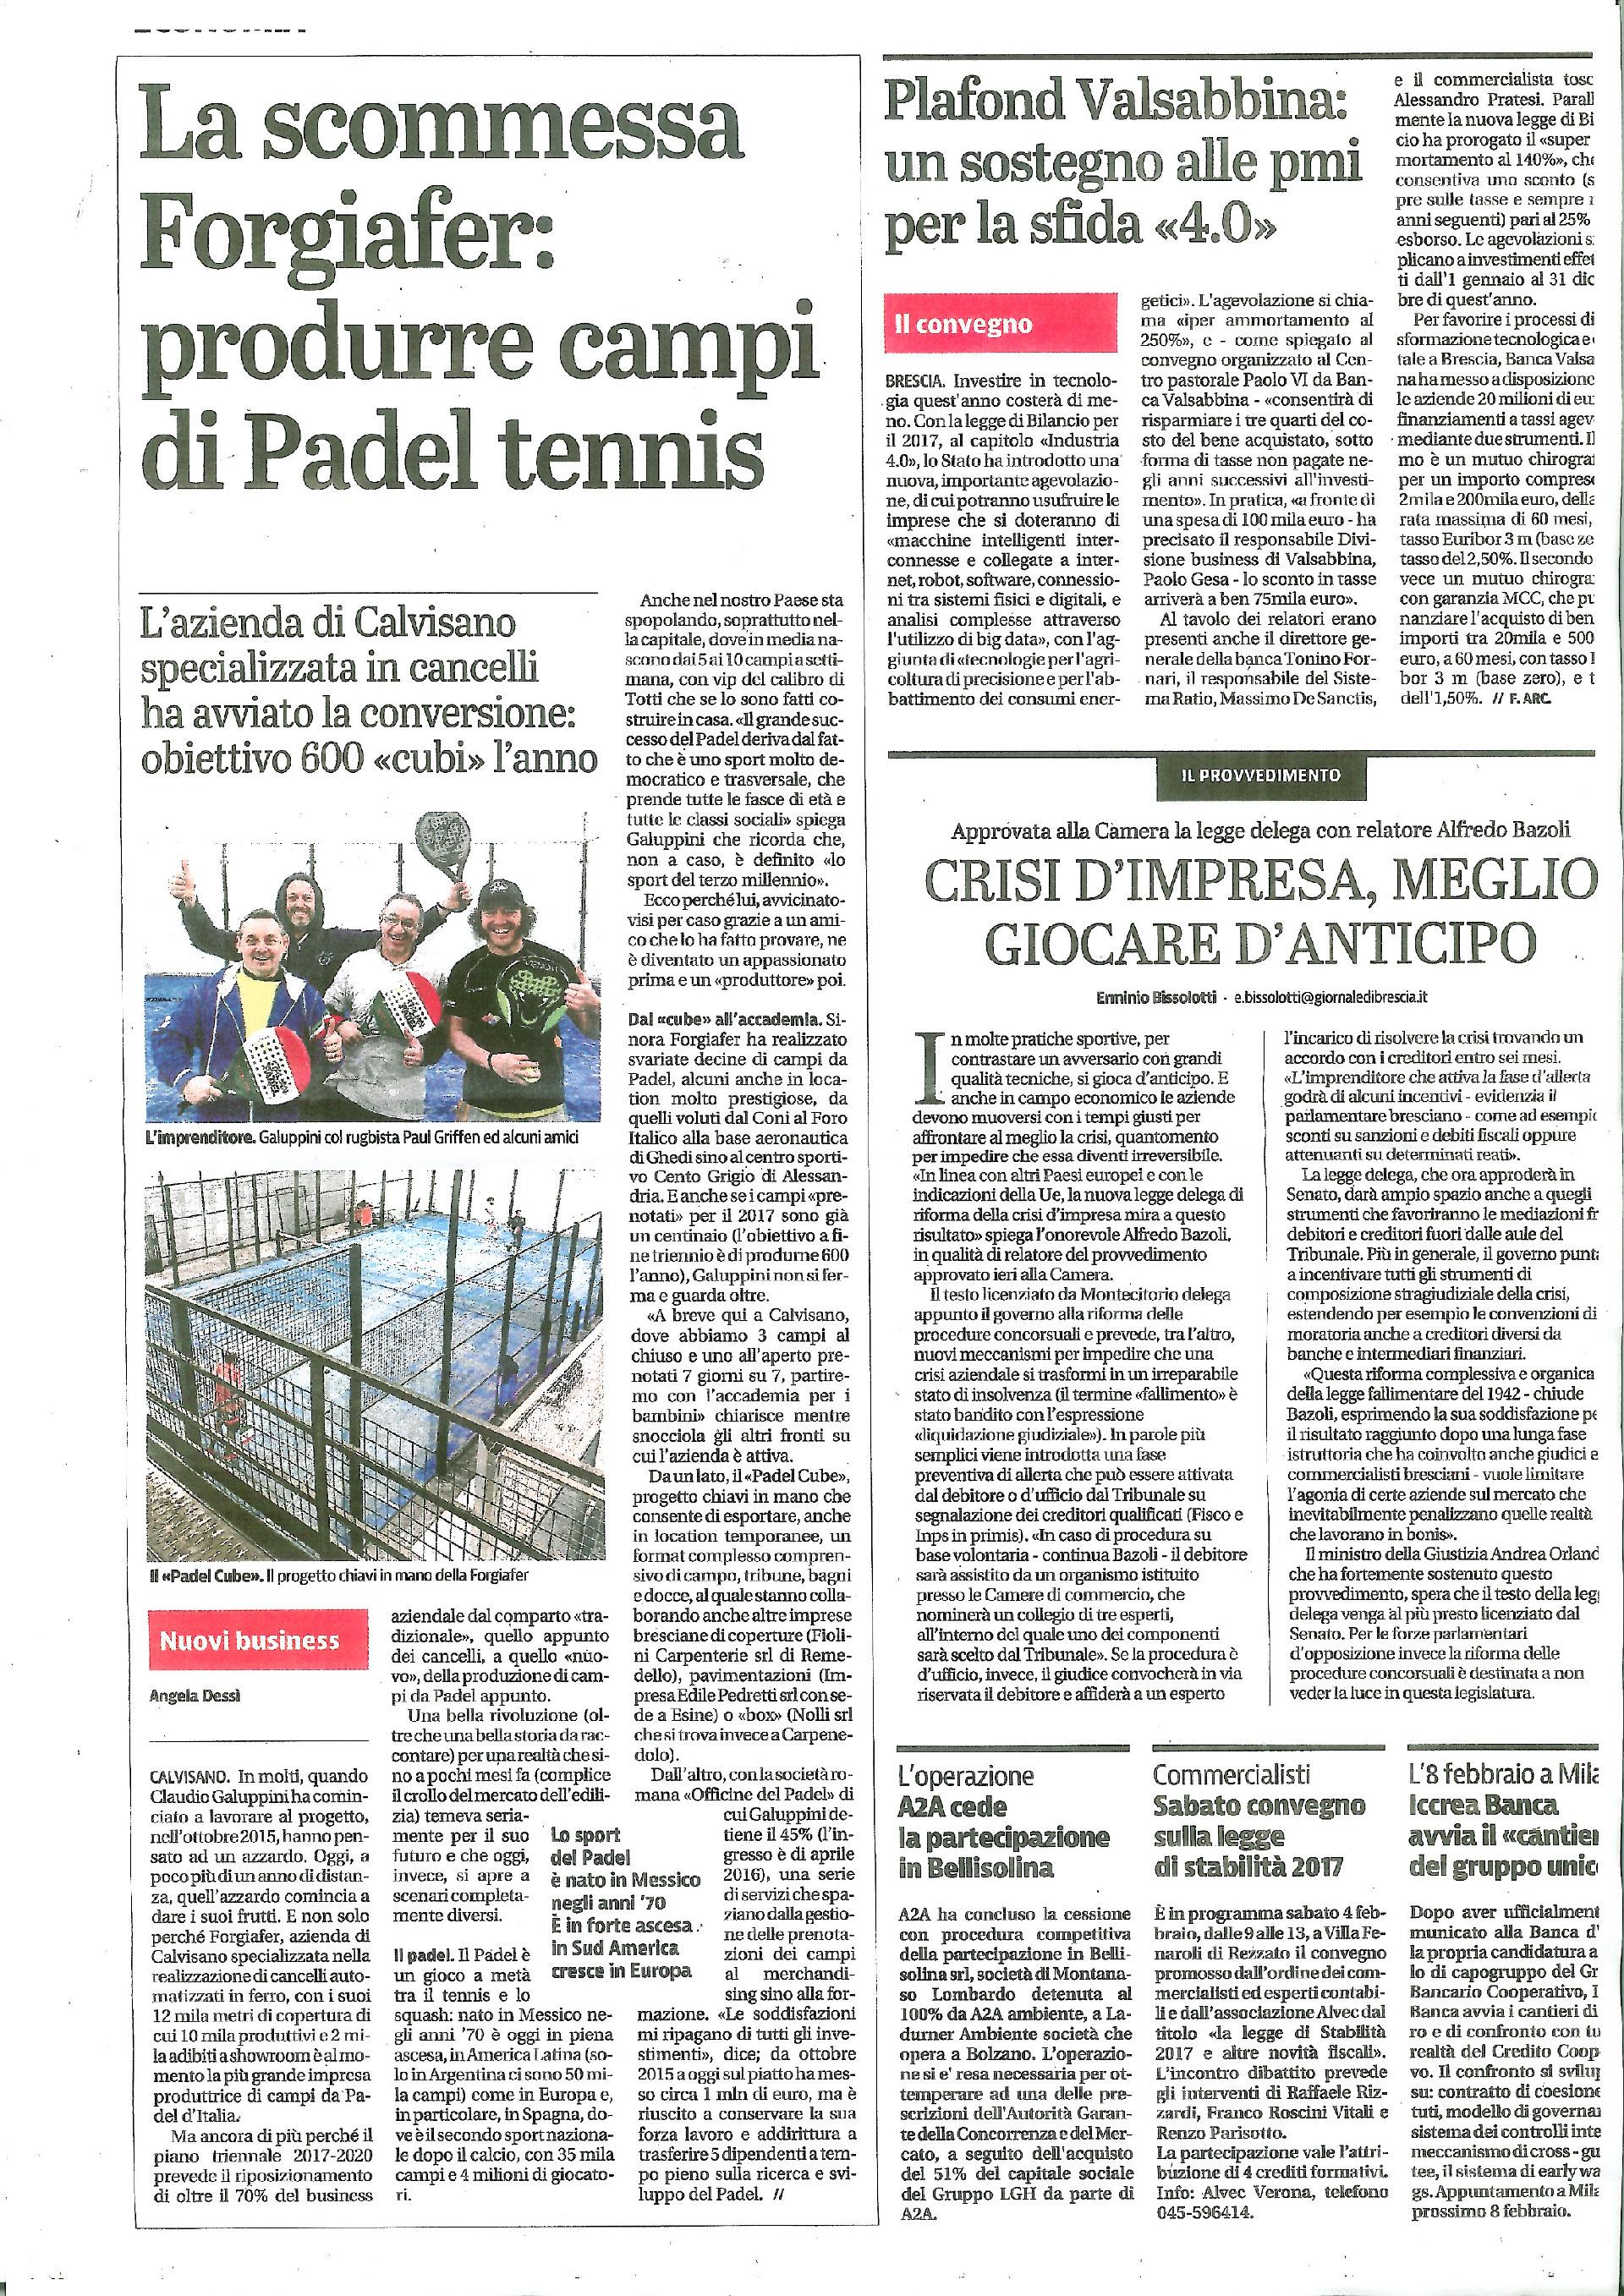 La scommessa Forgiafer, produrre campi di padel tennis (Giornale di Brescia, Febbraio 2017)